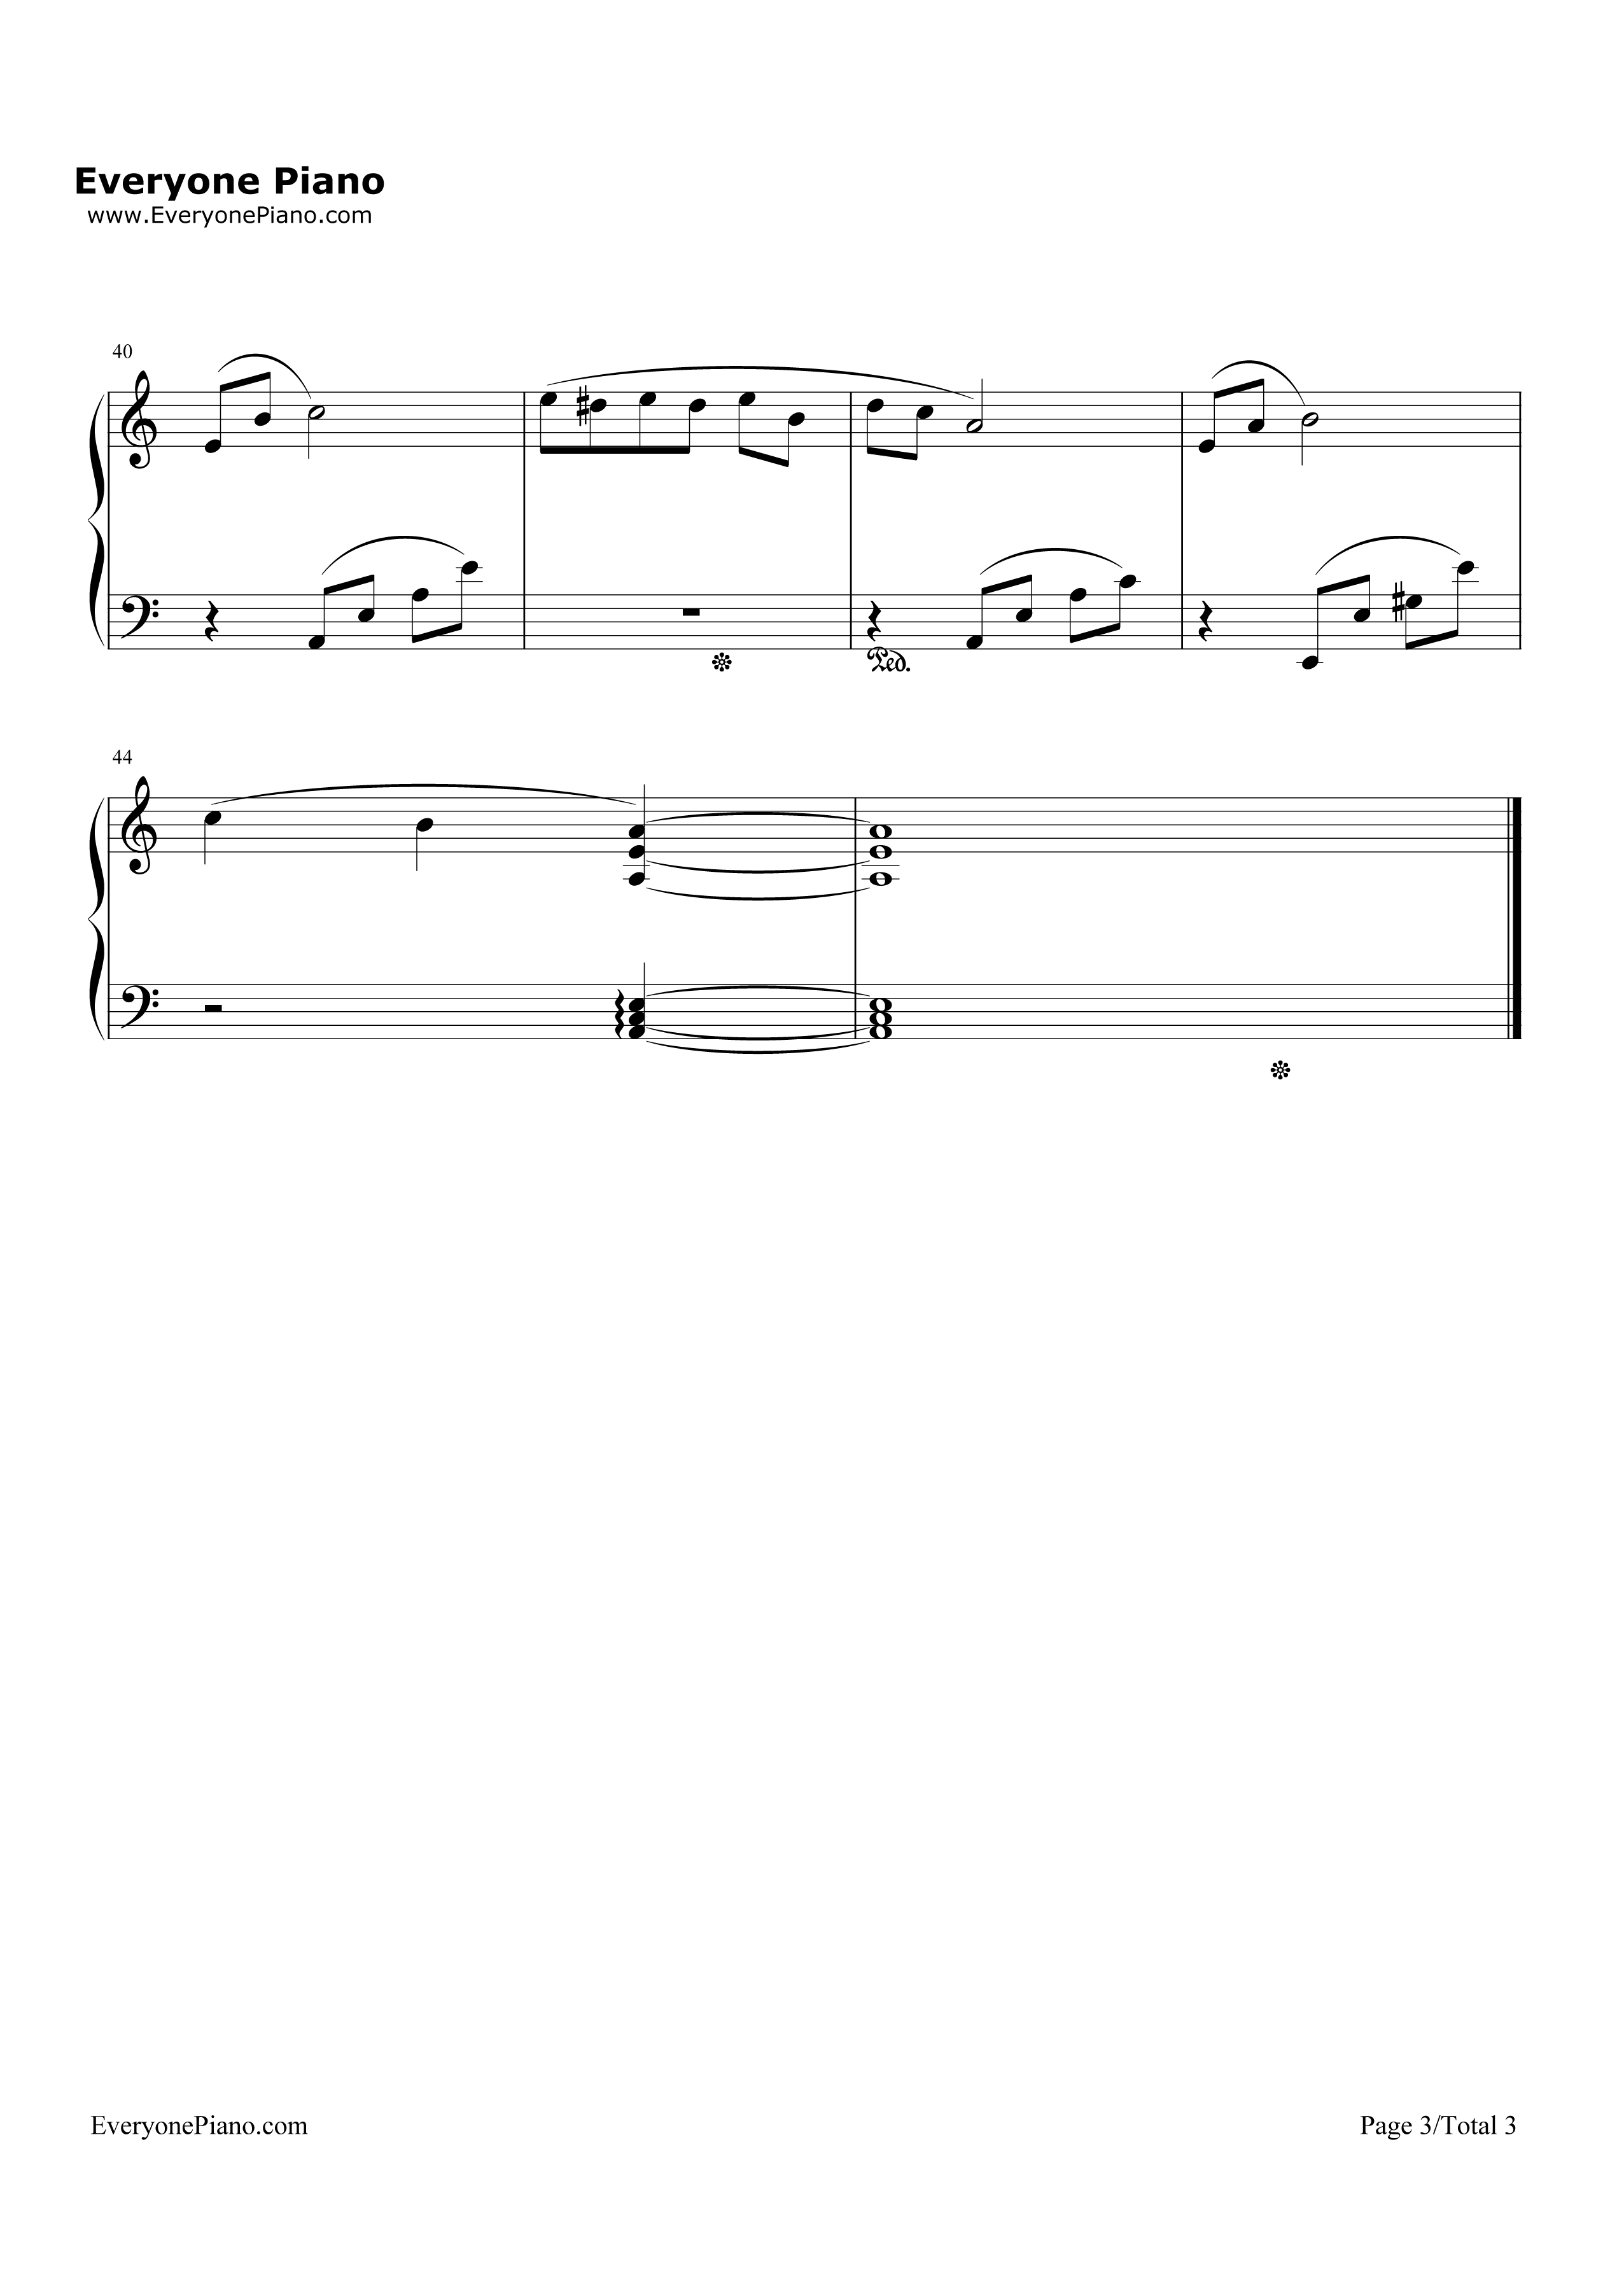 献给爱丽丝-for elise五线谱预览3-钢琴谱